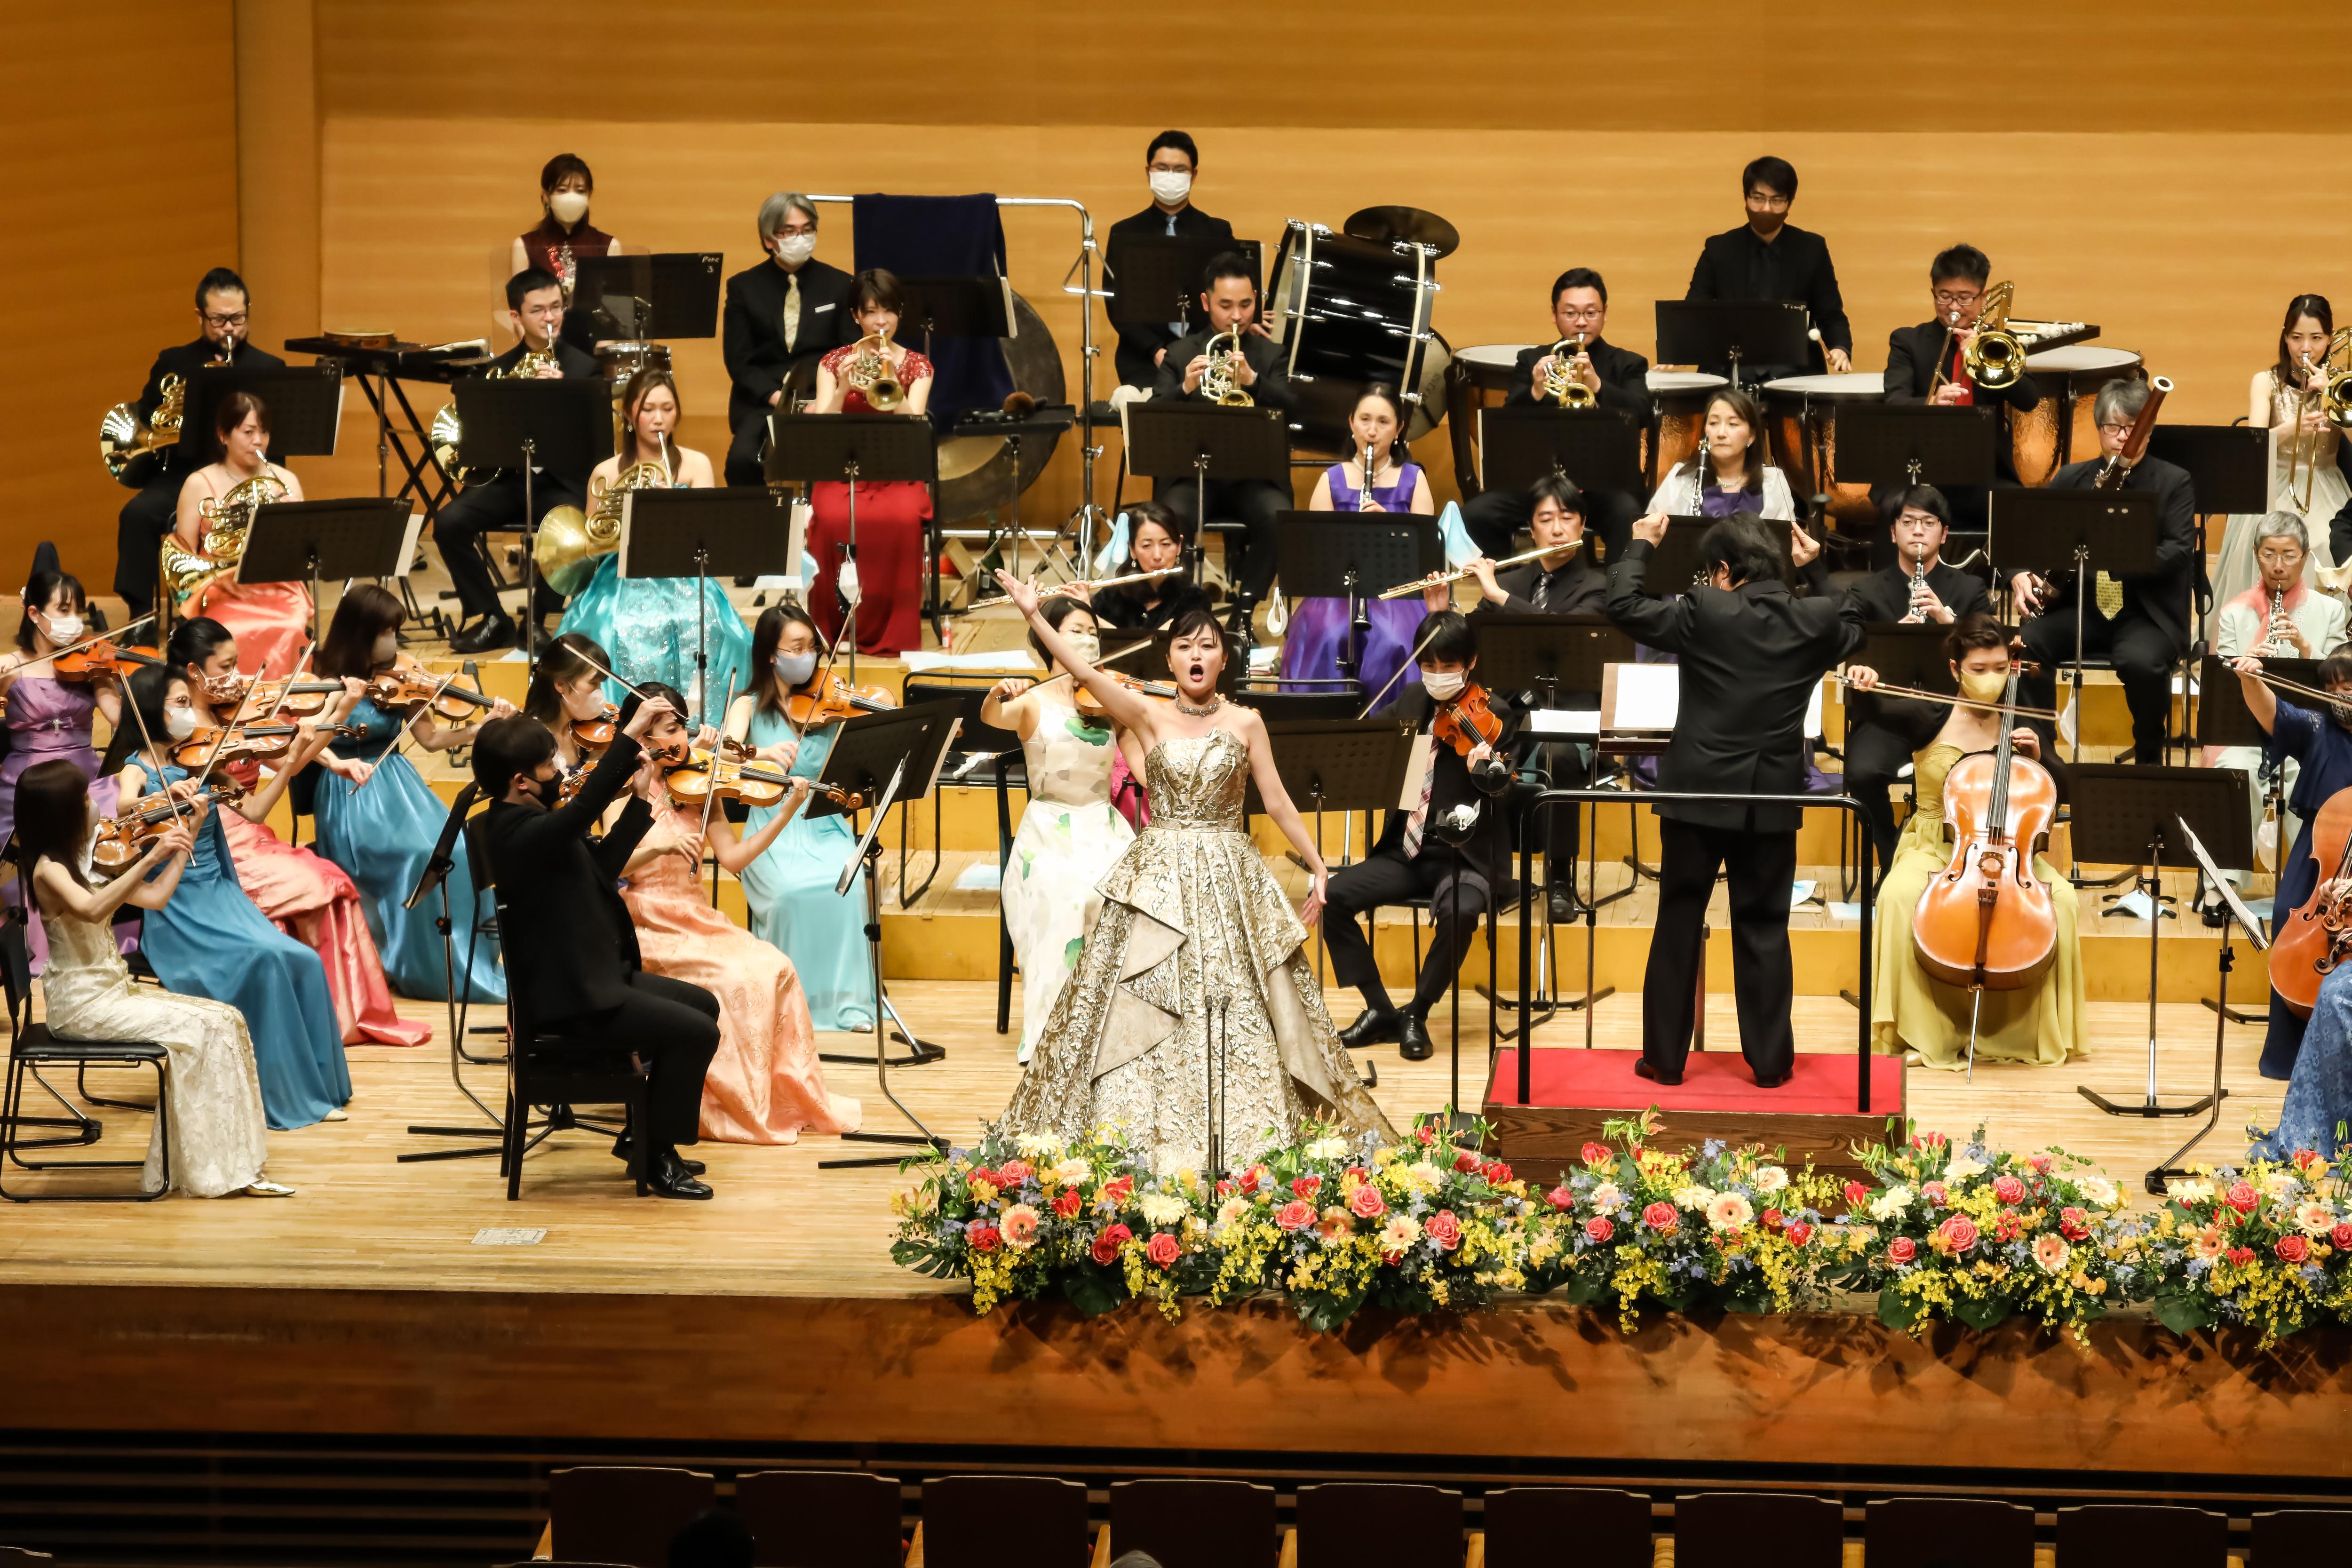 東京ニューシティ管弦楽団 ニューイヤーコンサート2022 in 北とぴあの画像